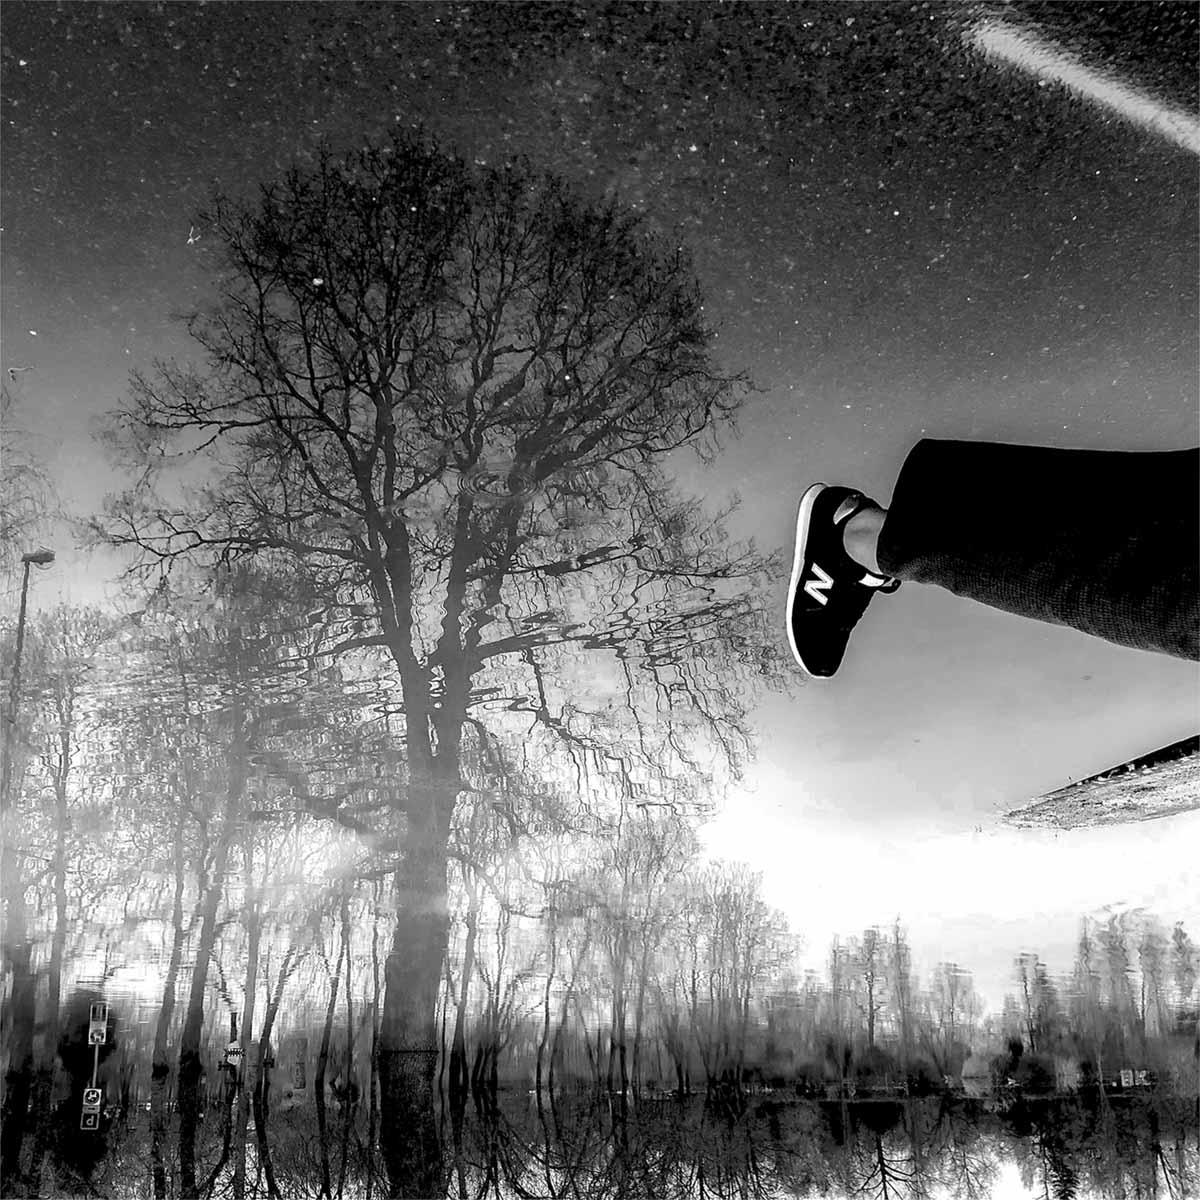 Laurenn Lecroc, Atelier Focale 16, Mes souliers, Janvier 2021